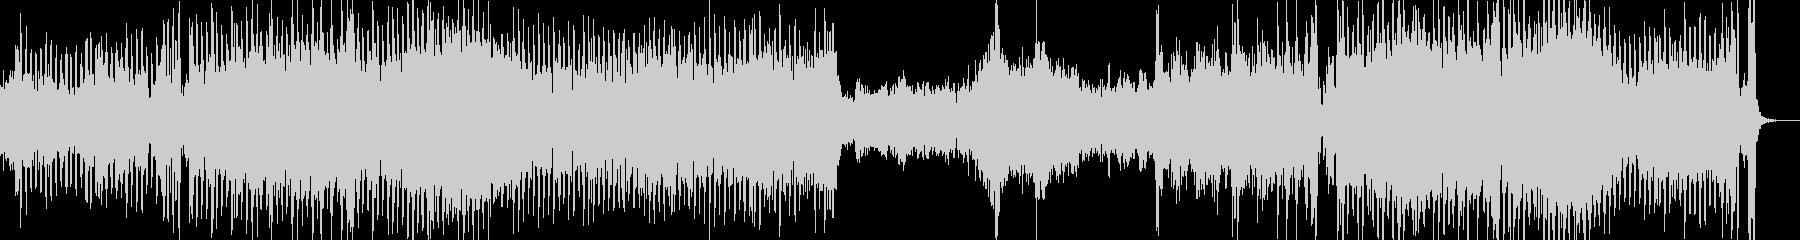 アジア民族音楽的旋律の勇壮なインスト音楽の未再生の波形